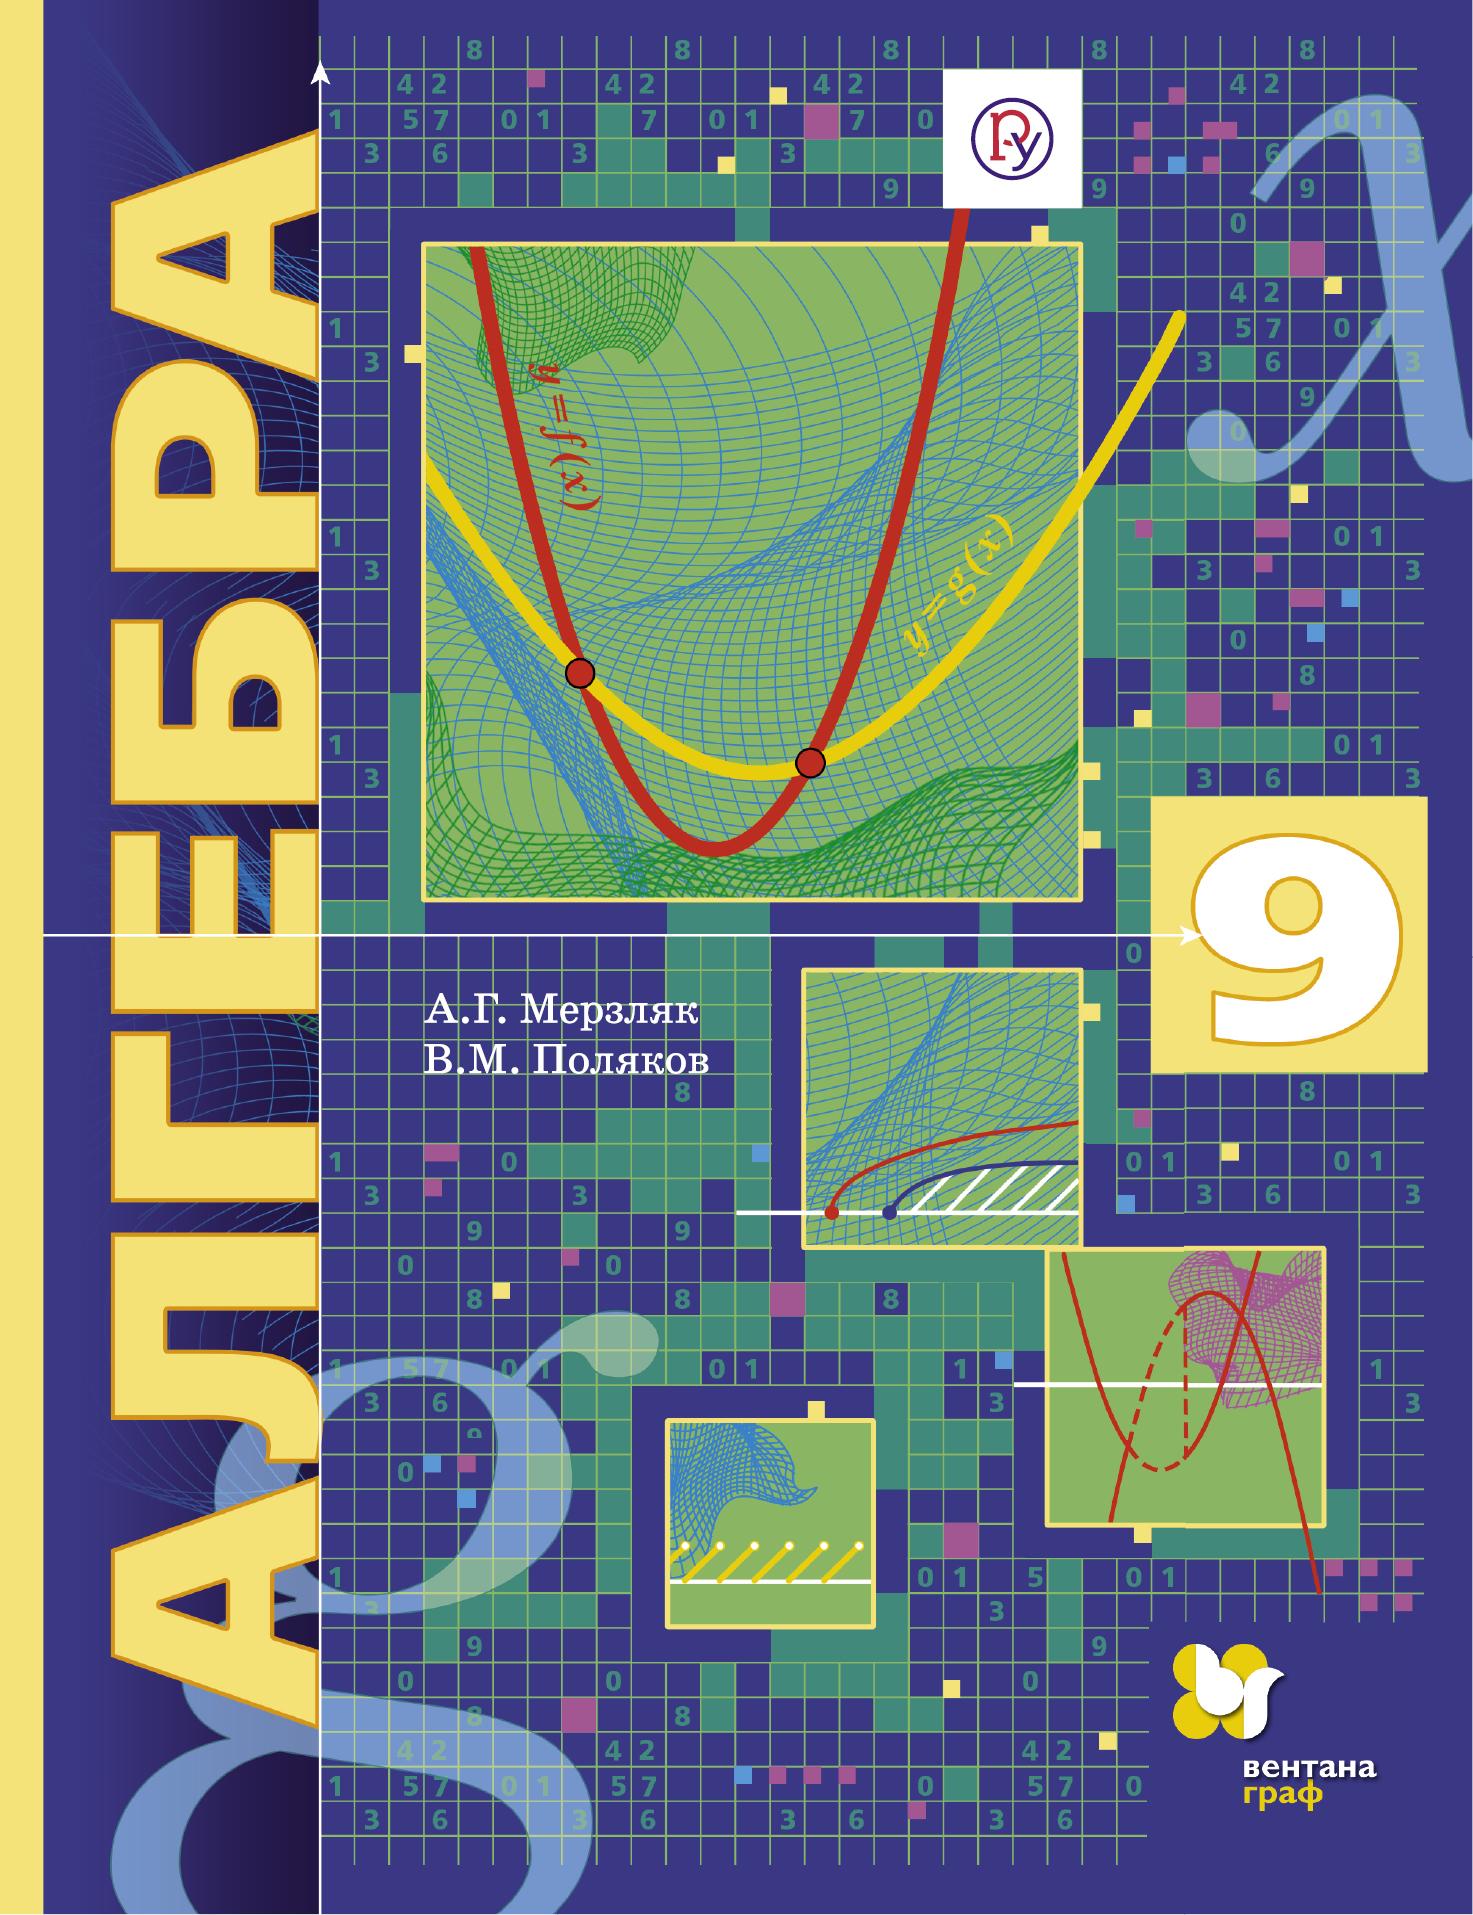 Мерзляк А.Г. Алгебра (углубленное изучение). 9класс. Учебник. Изд.1 алгебра и анализ том i комплект из 6 книг